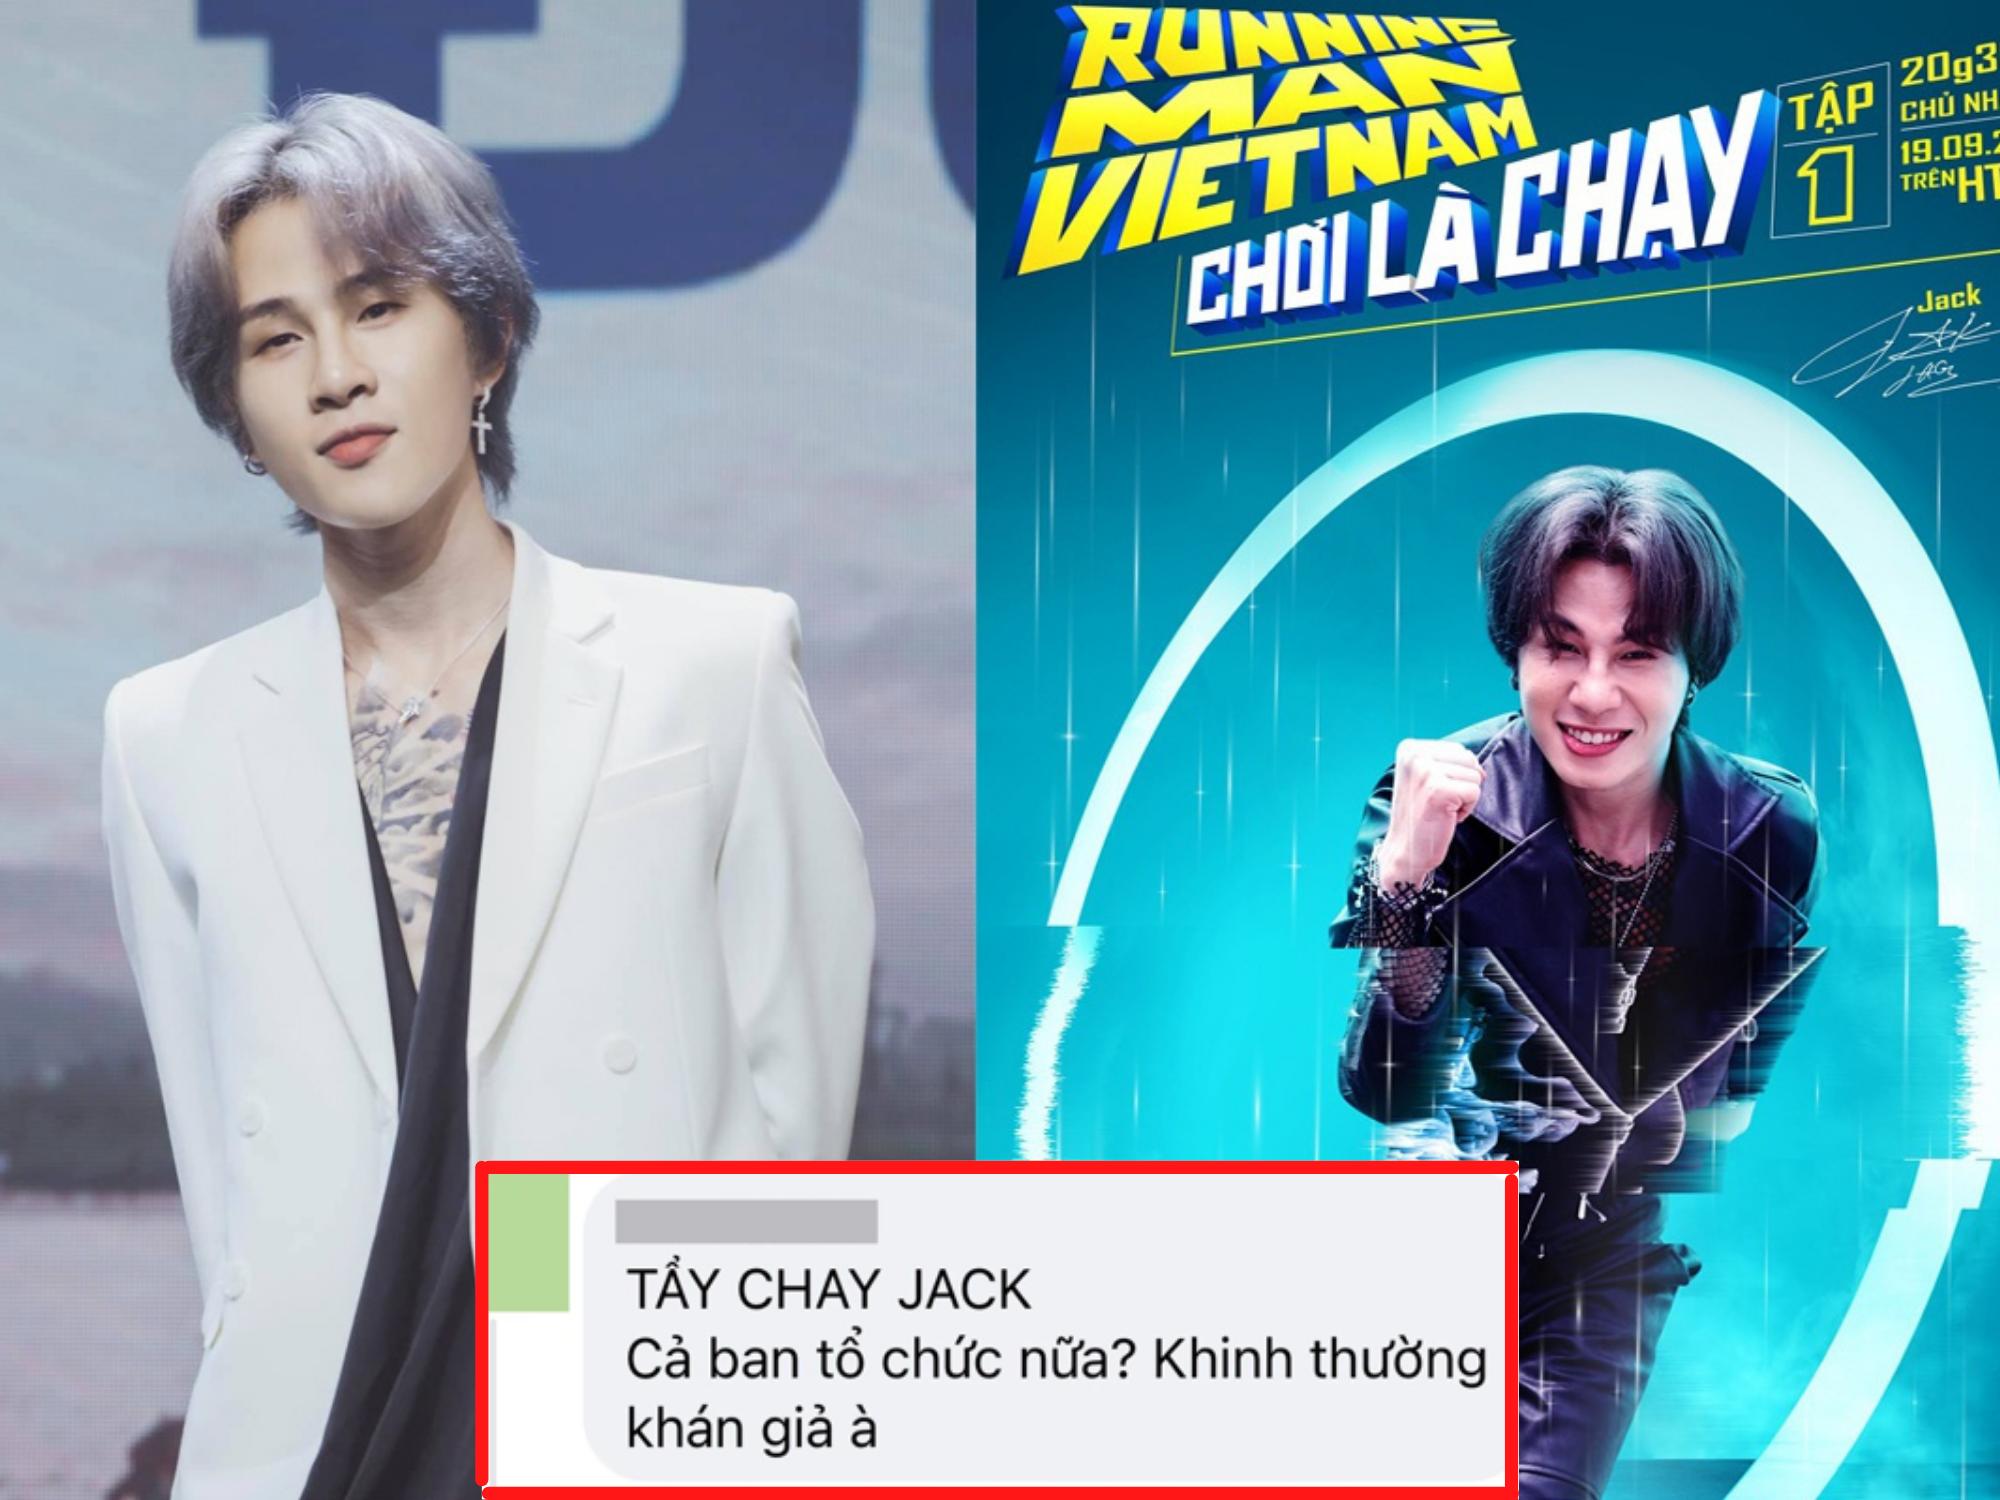 Netizen phẫn nộ 'đỏ cả trang' khi Jack lên sóng Running Man Việt: 'Xem thường khán giả, tẩy chay triệt để'